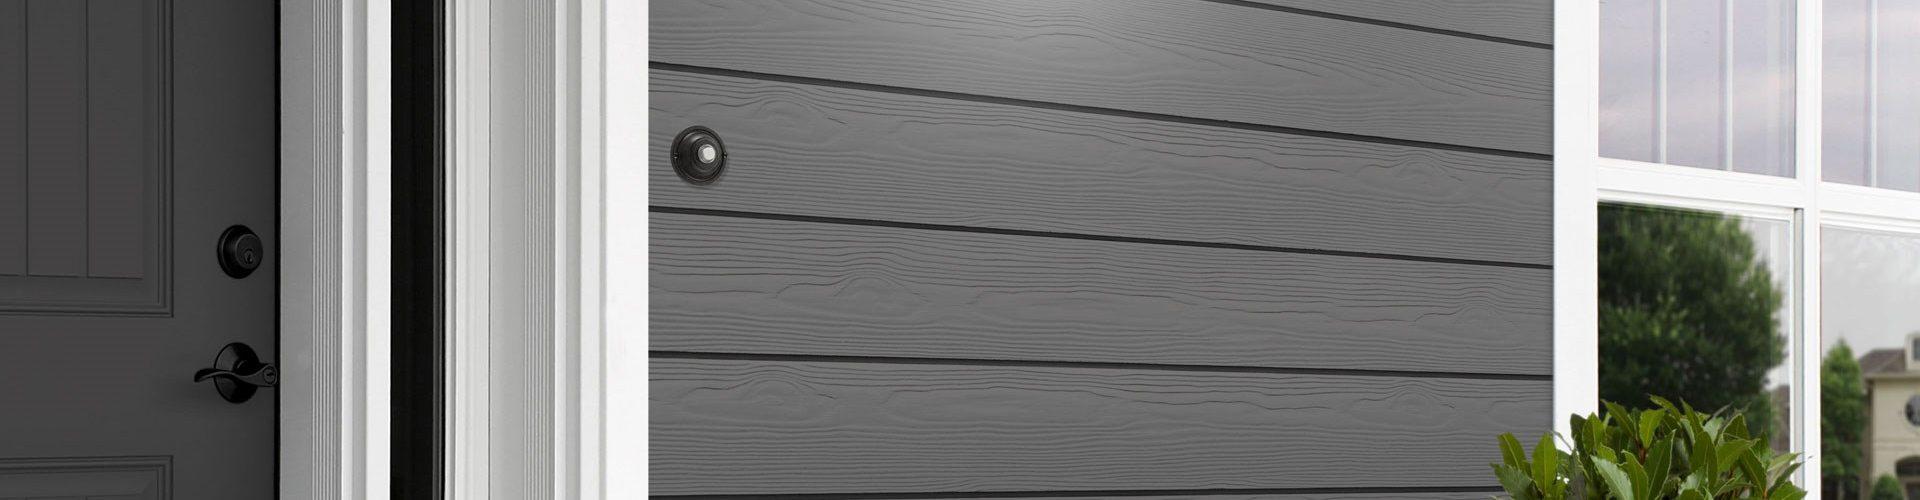 Cedral Click C54 Antratsiit - kiudtsement voodrilaud - puitu immiteeriv